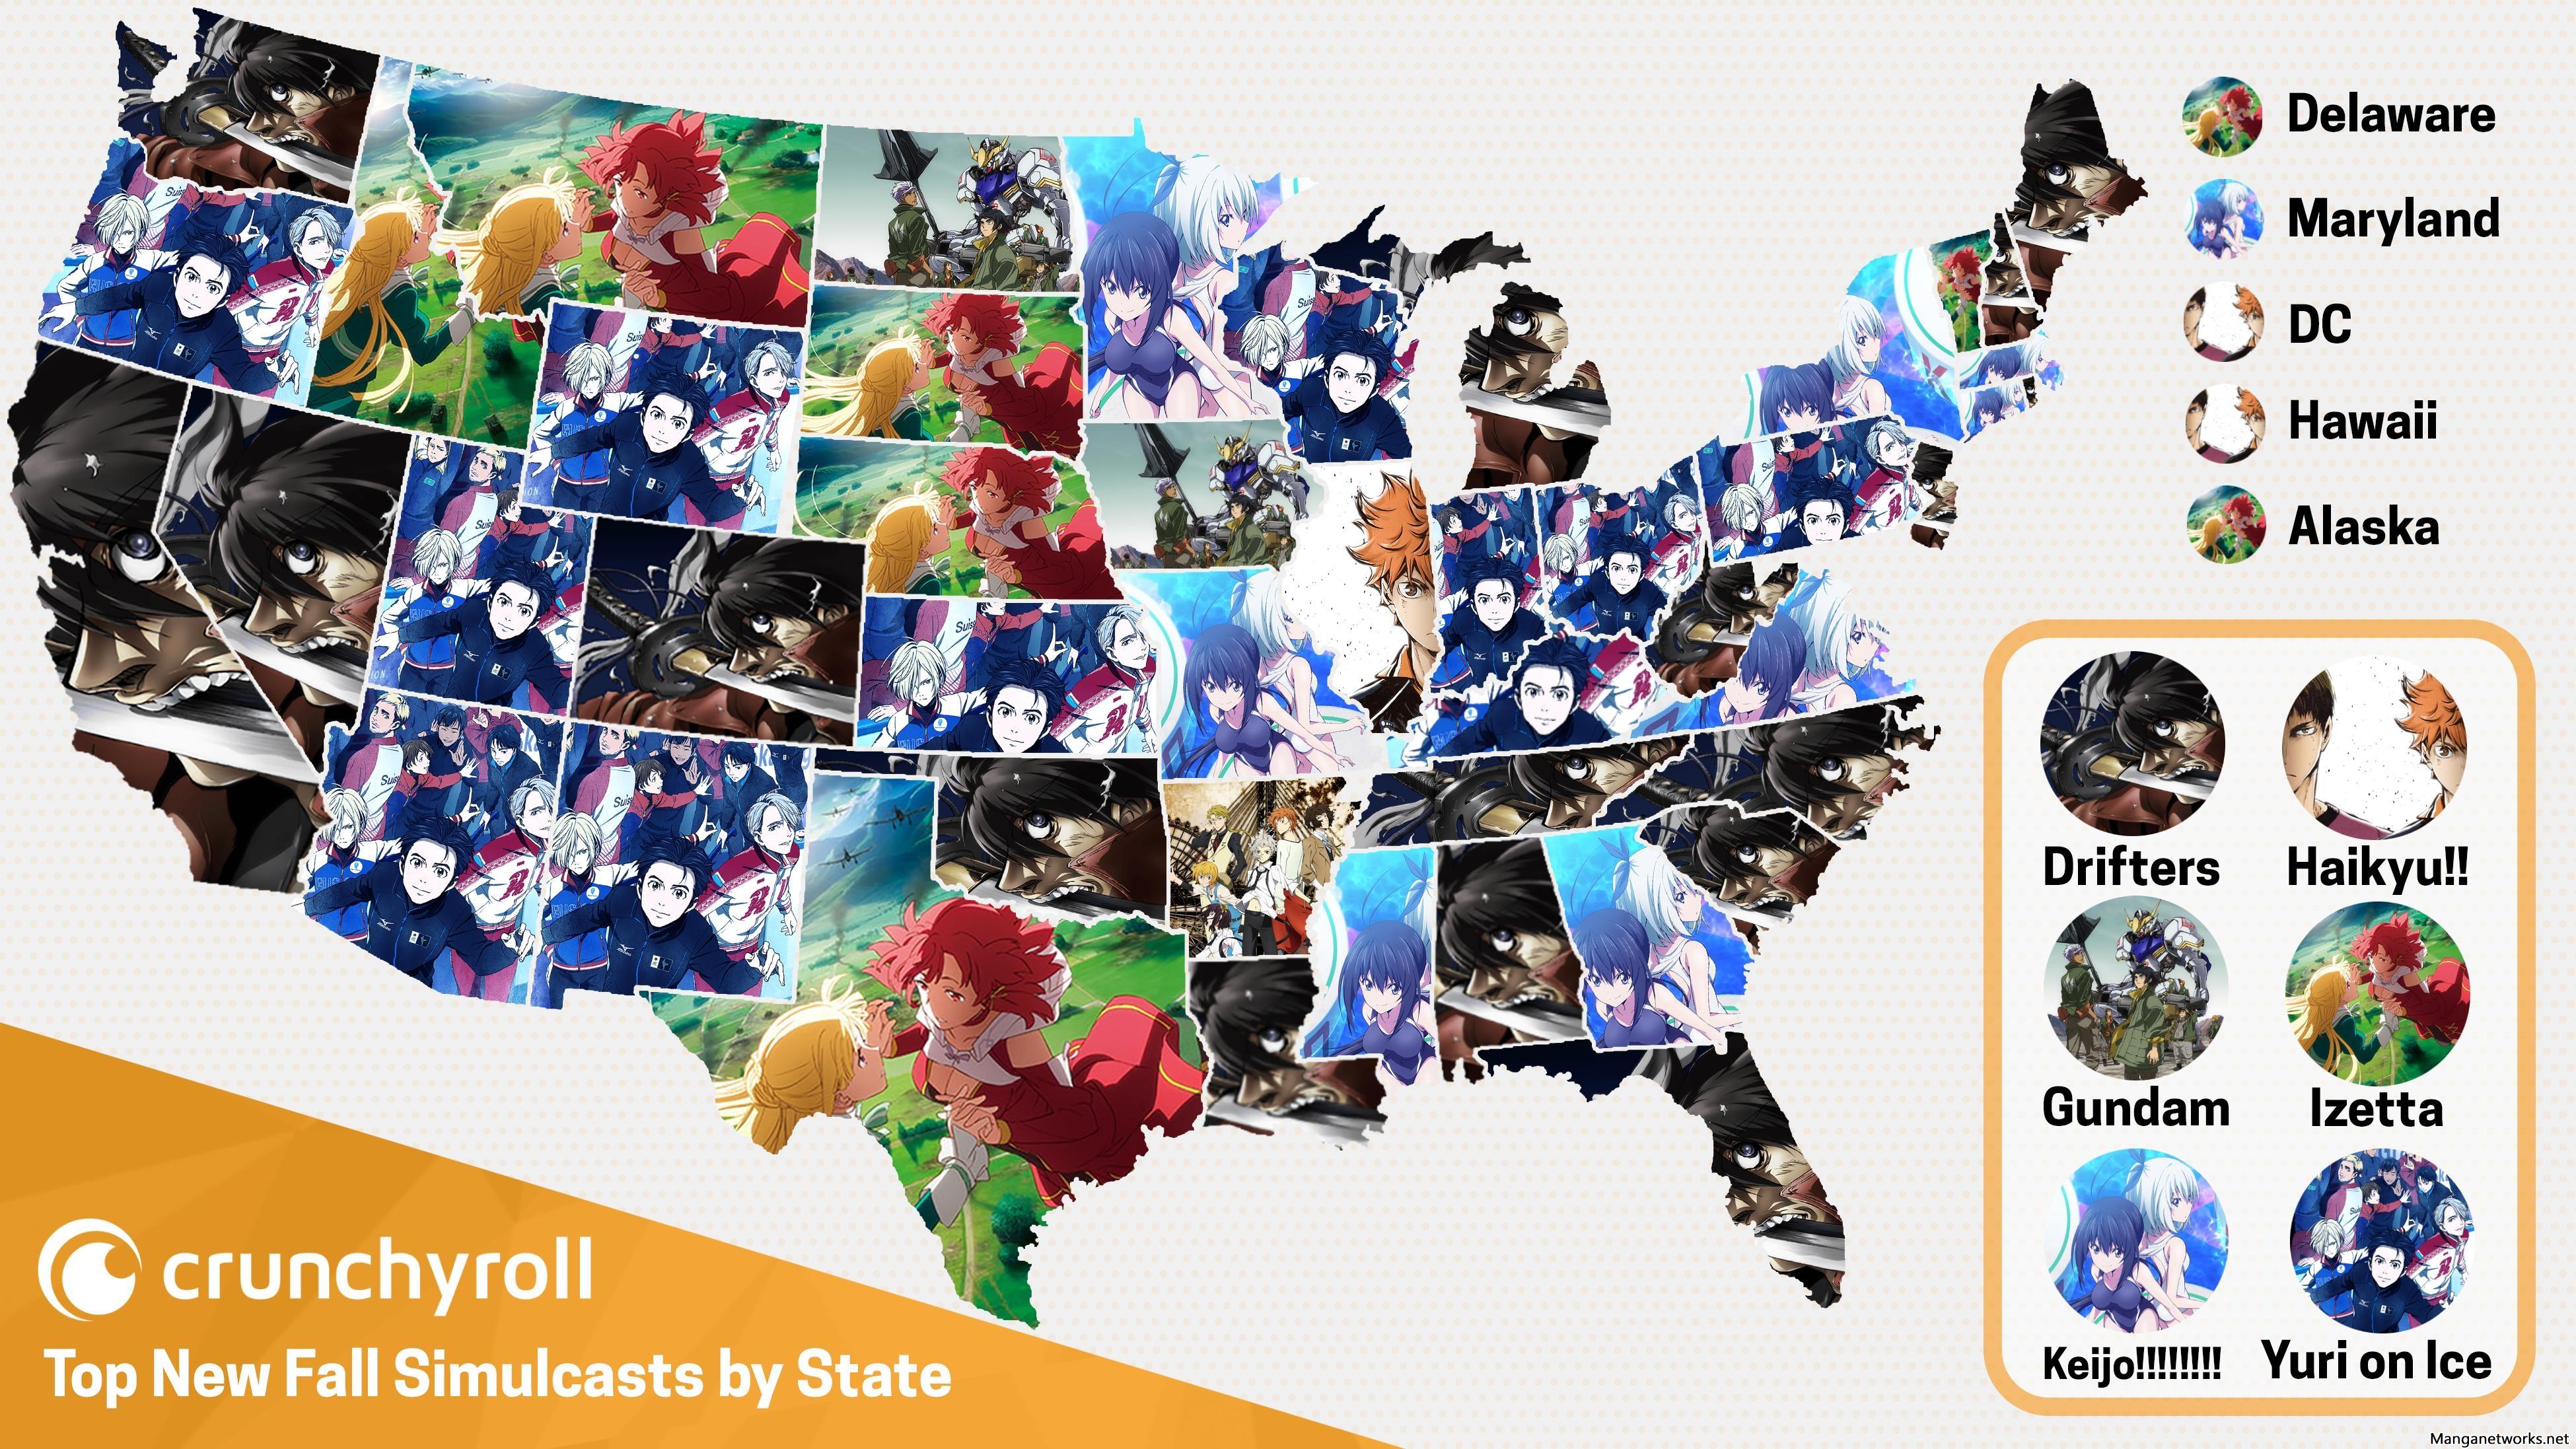 30522580042 35f8d32948 o Anime mùa thu được ưa chuộng nhất ở từng bang tại Mĩ theo Crunchyroll